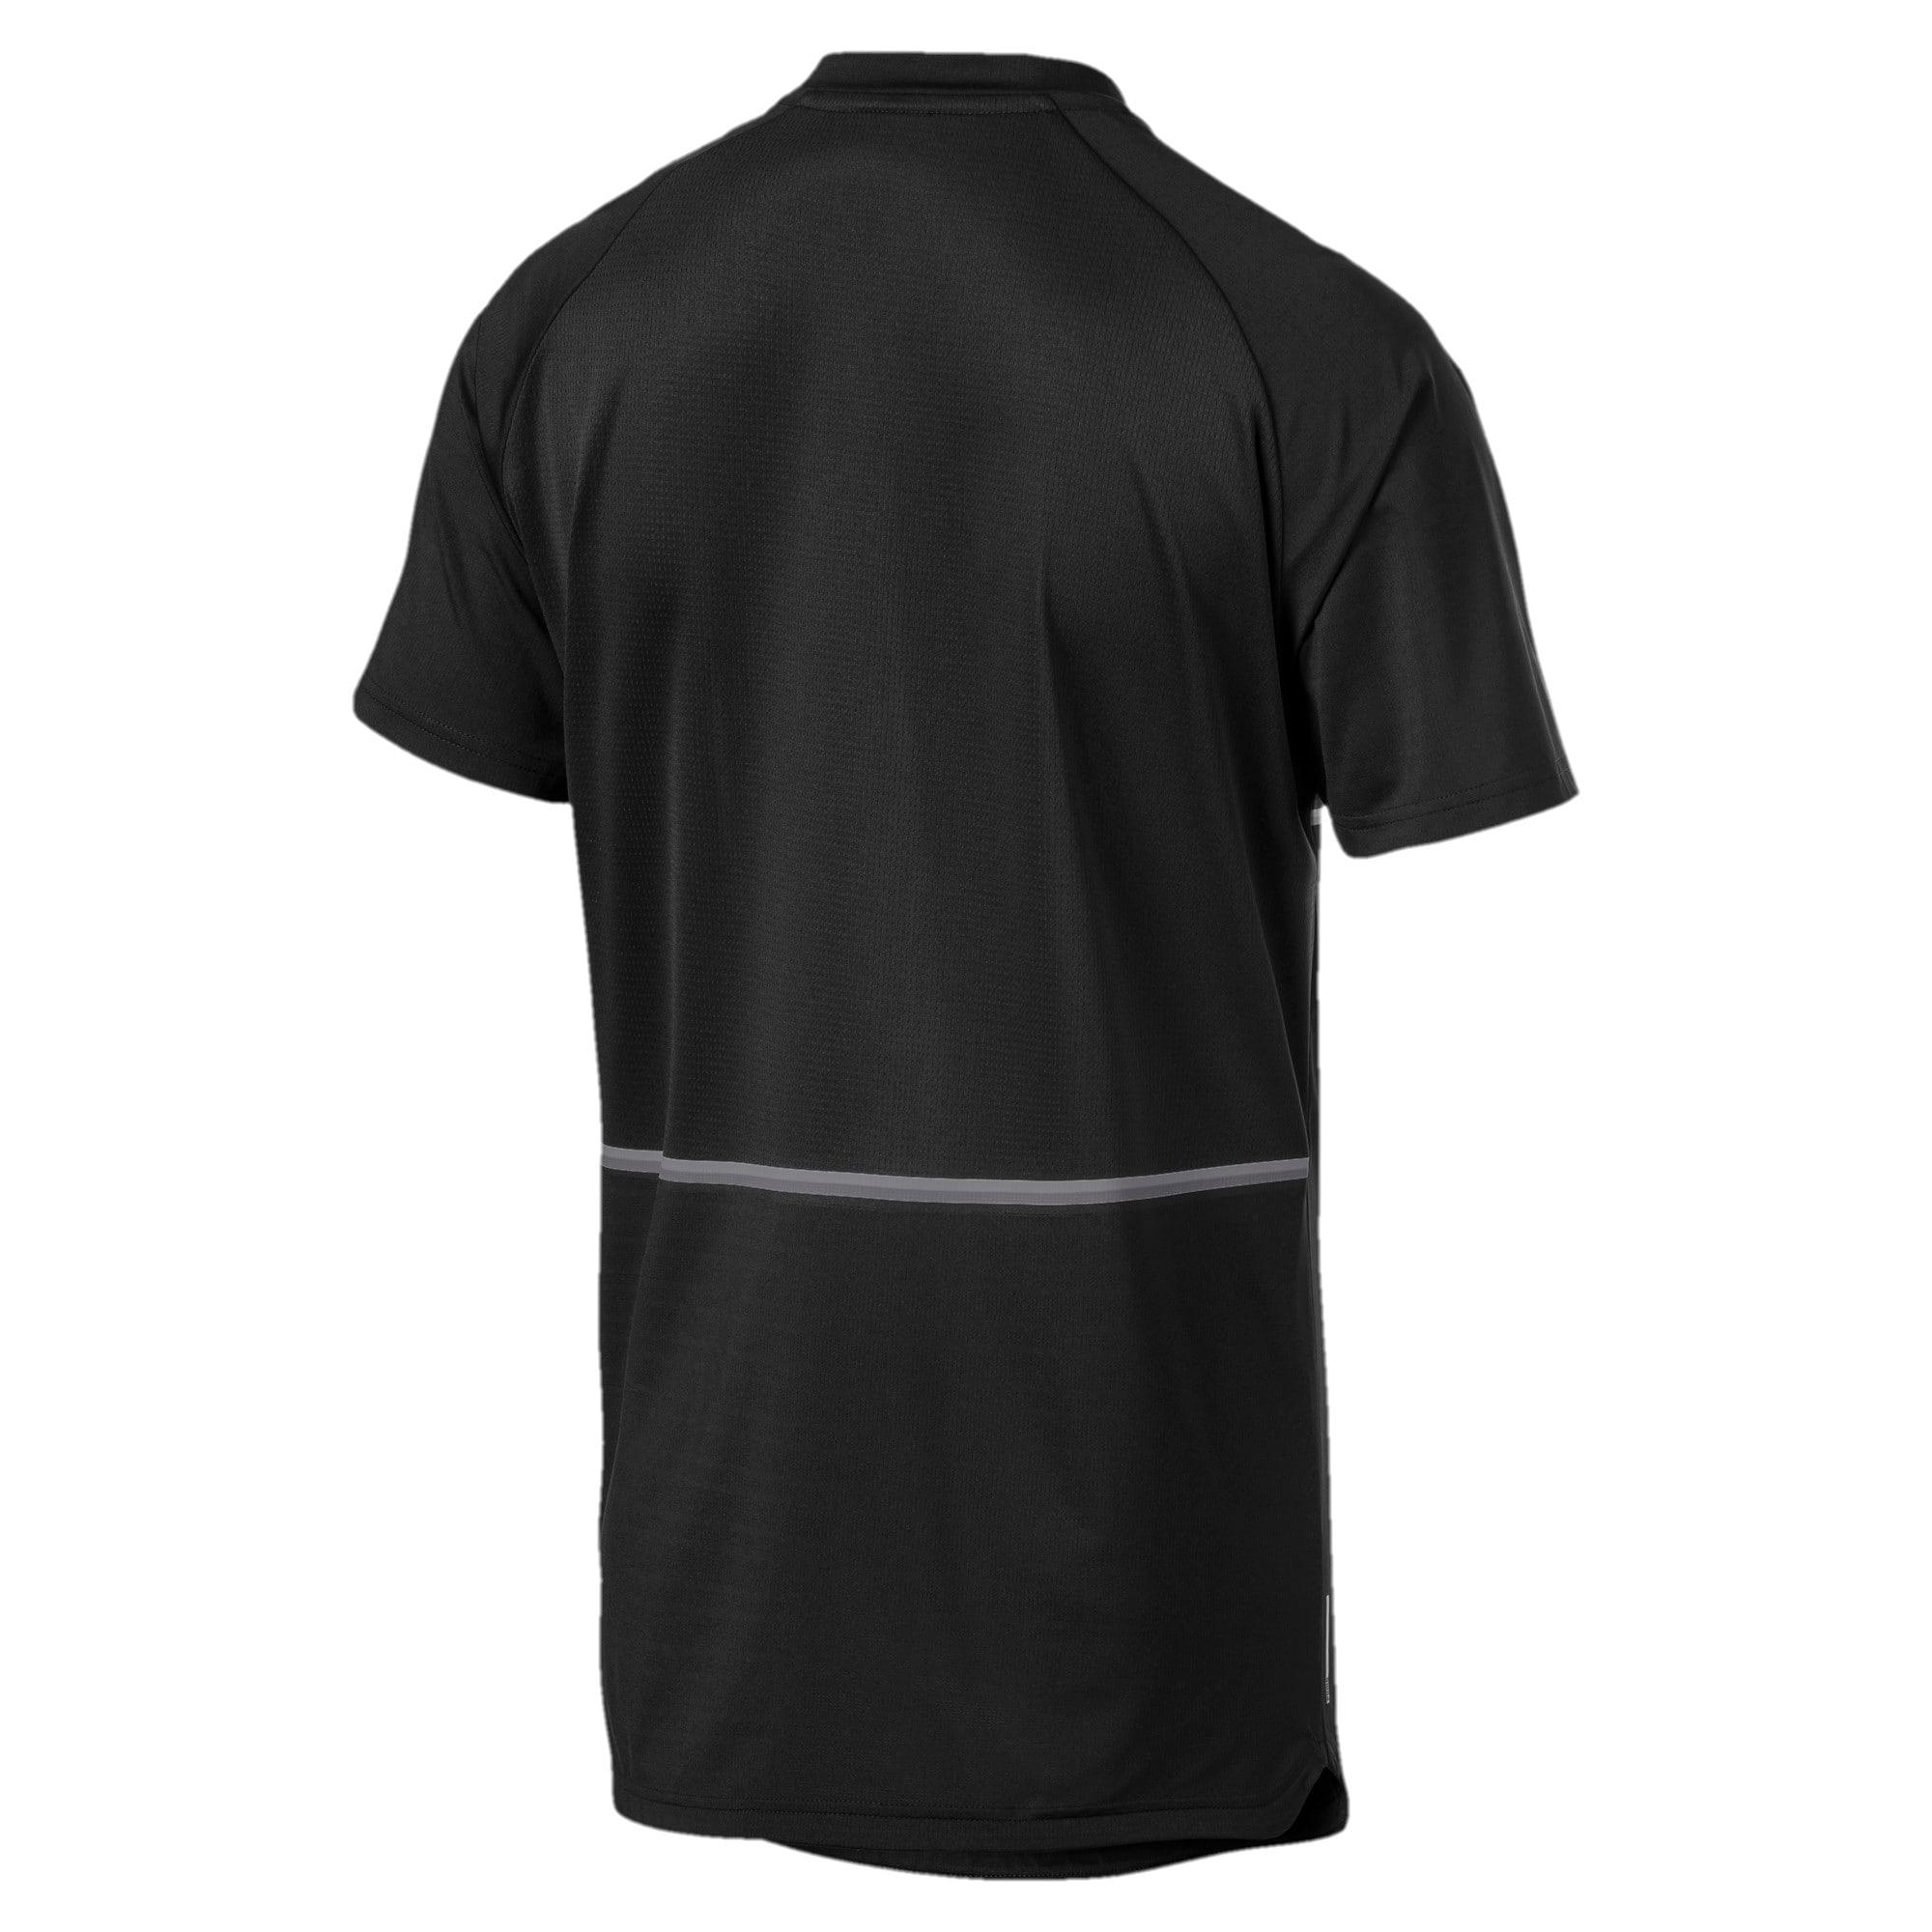 Miniatura 5 de Camiseta Power BND para hombre, Puma Black, mediano